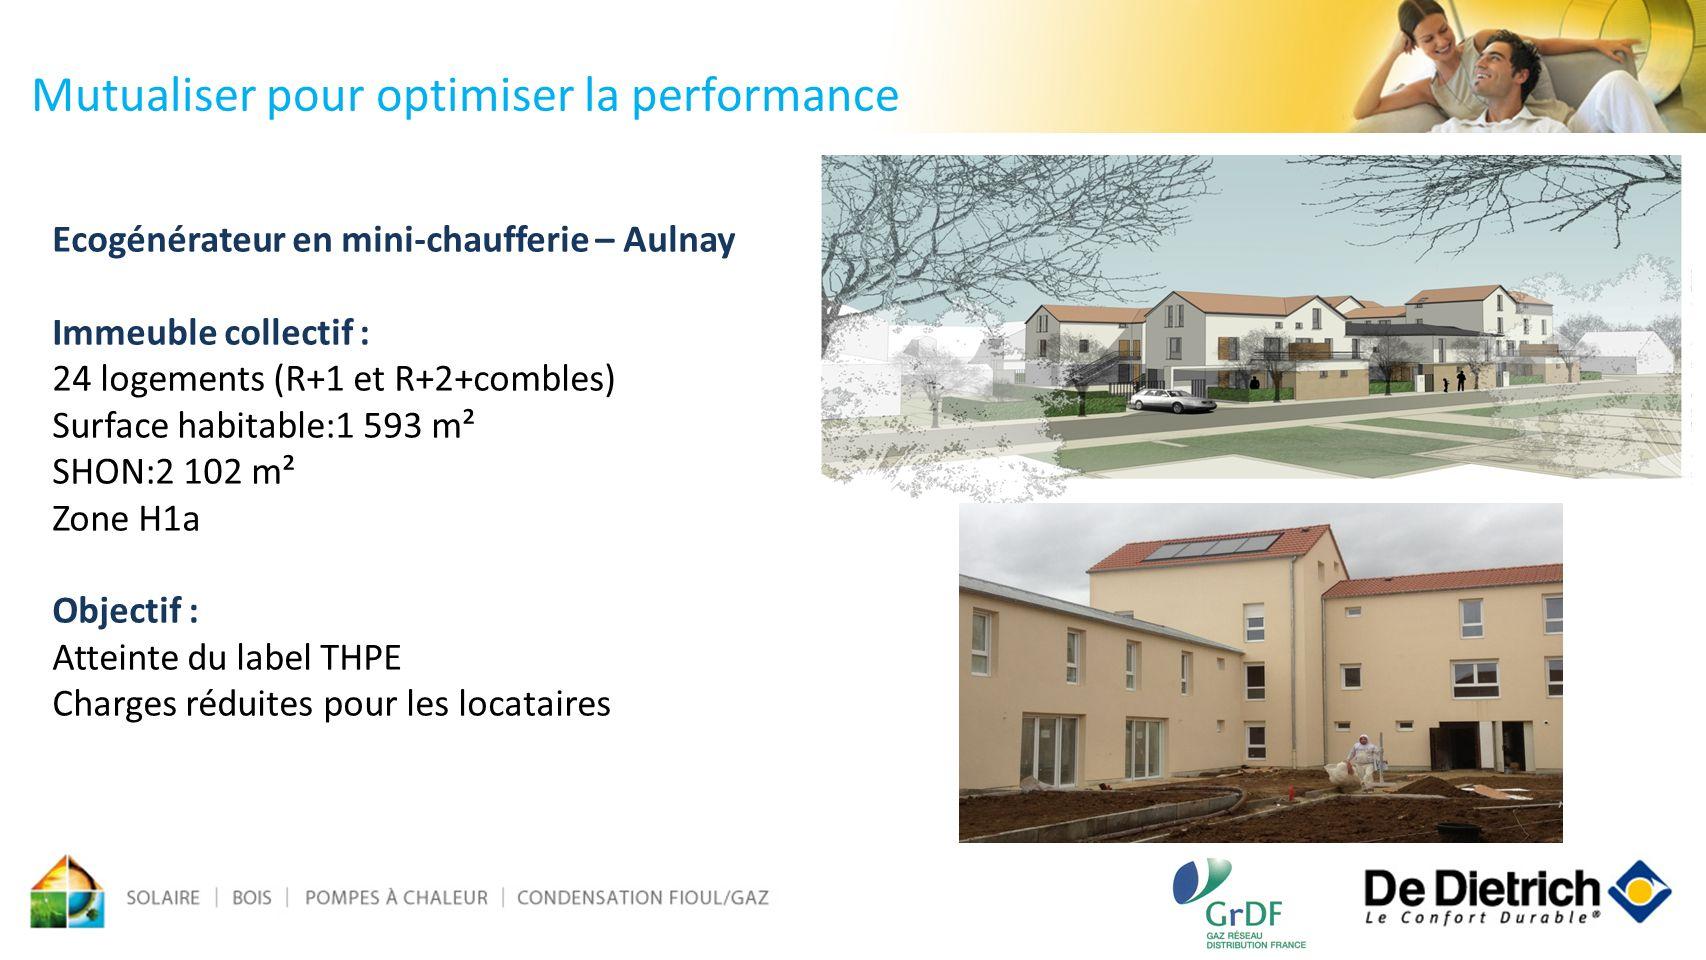 Ecogénérateur en mini-chaufferie – Aulnay Immeuble collectif : 24 logements (R+1 et R+2+combles) Surface habitable:1 593 m² SHON:2 102 m² Zone H1a Obj